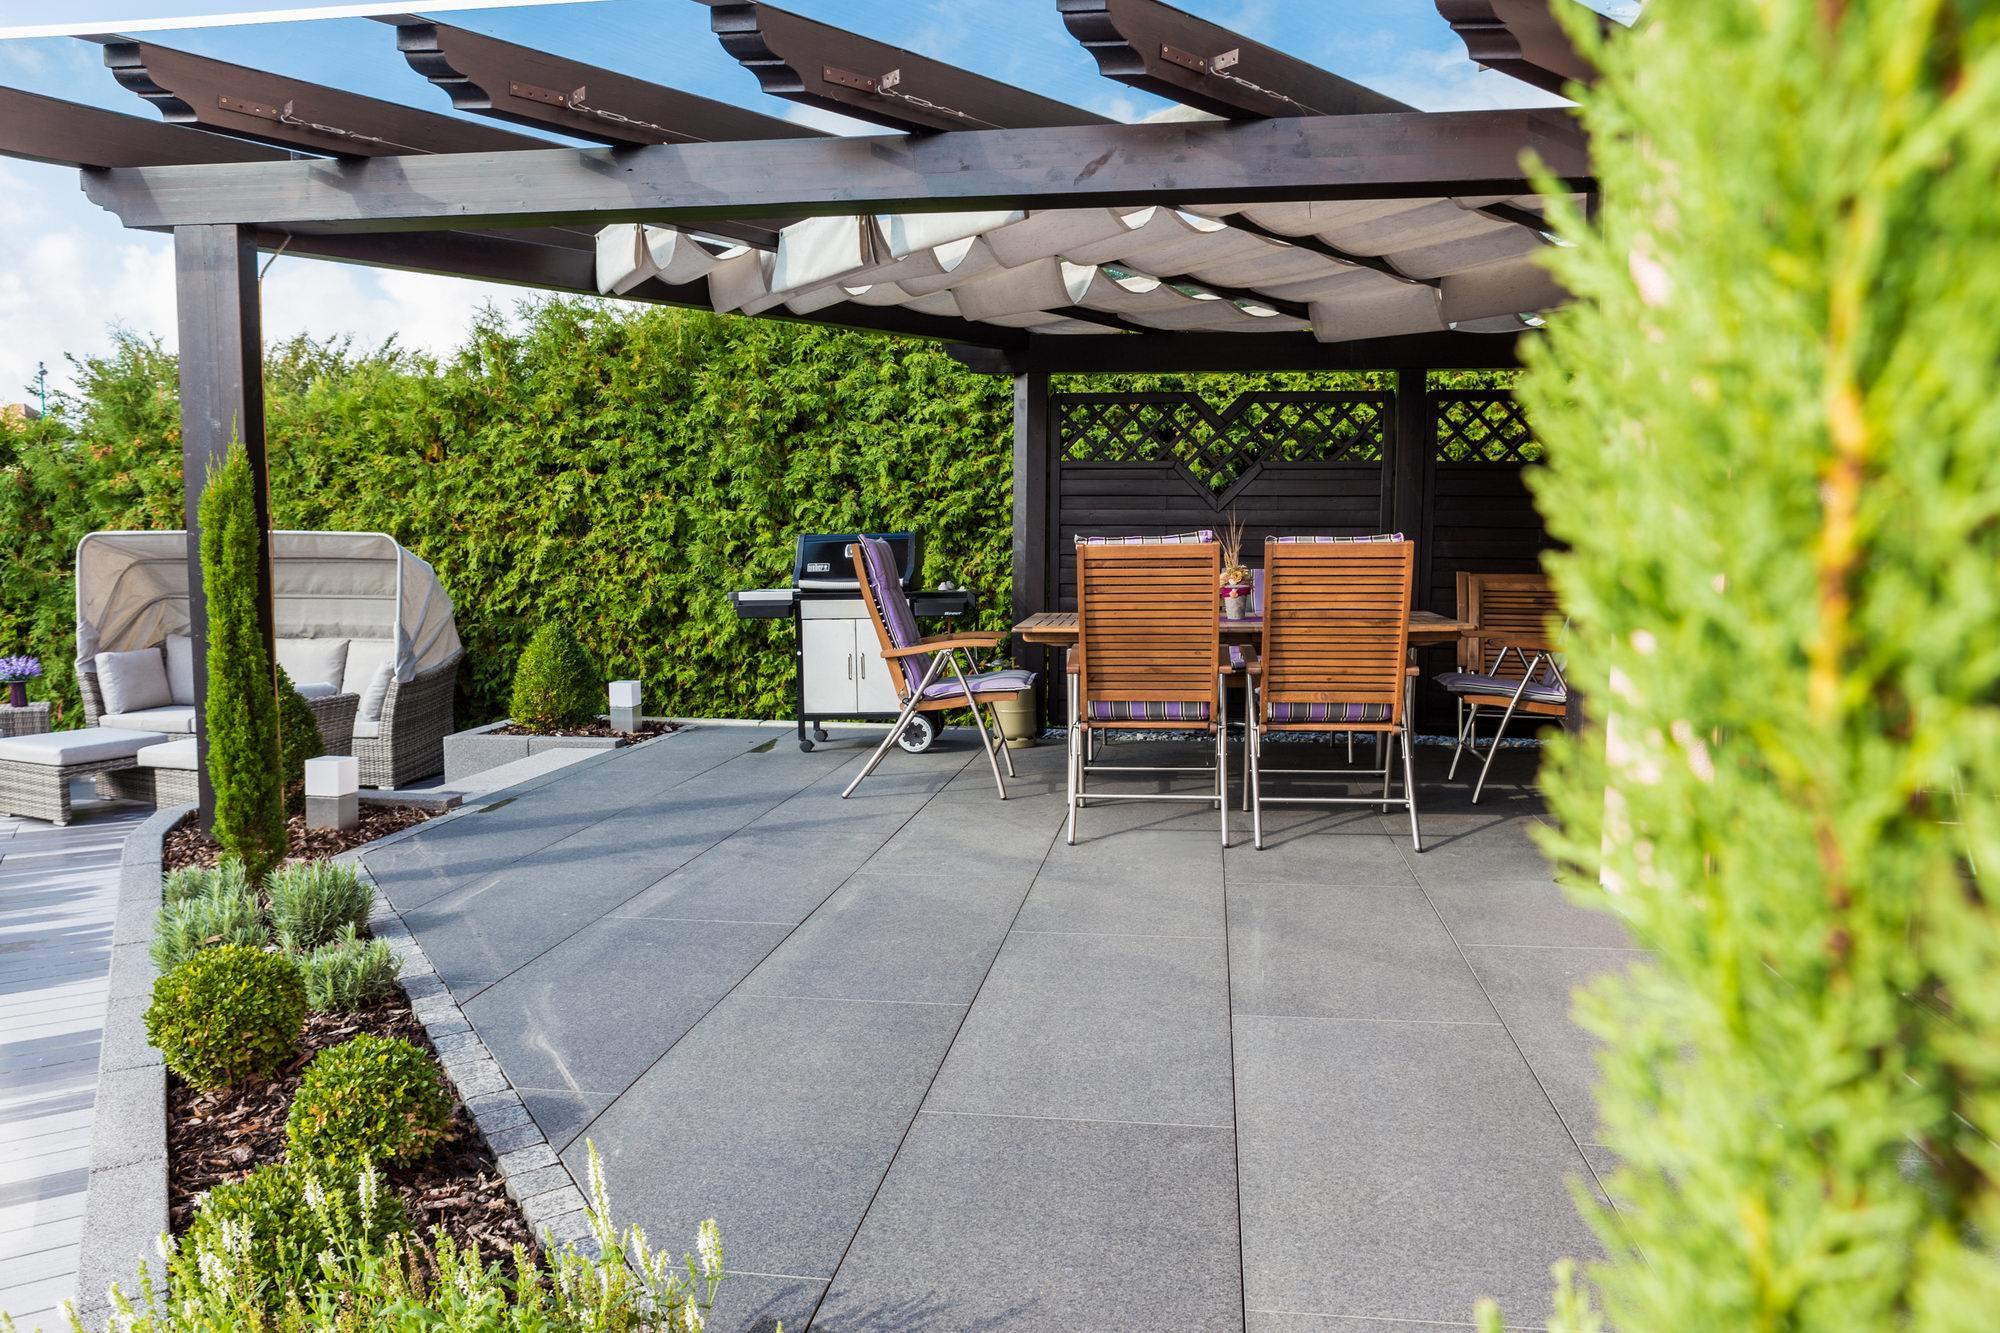 odenwaeller maisch 9938 odenw ller garten landschaftsbau in bruchk bel. Black Bedroom Furniture Sets. Home Design Ideas